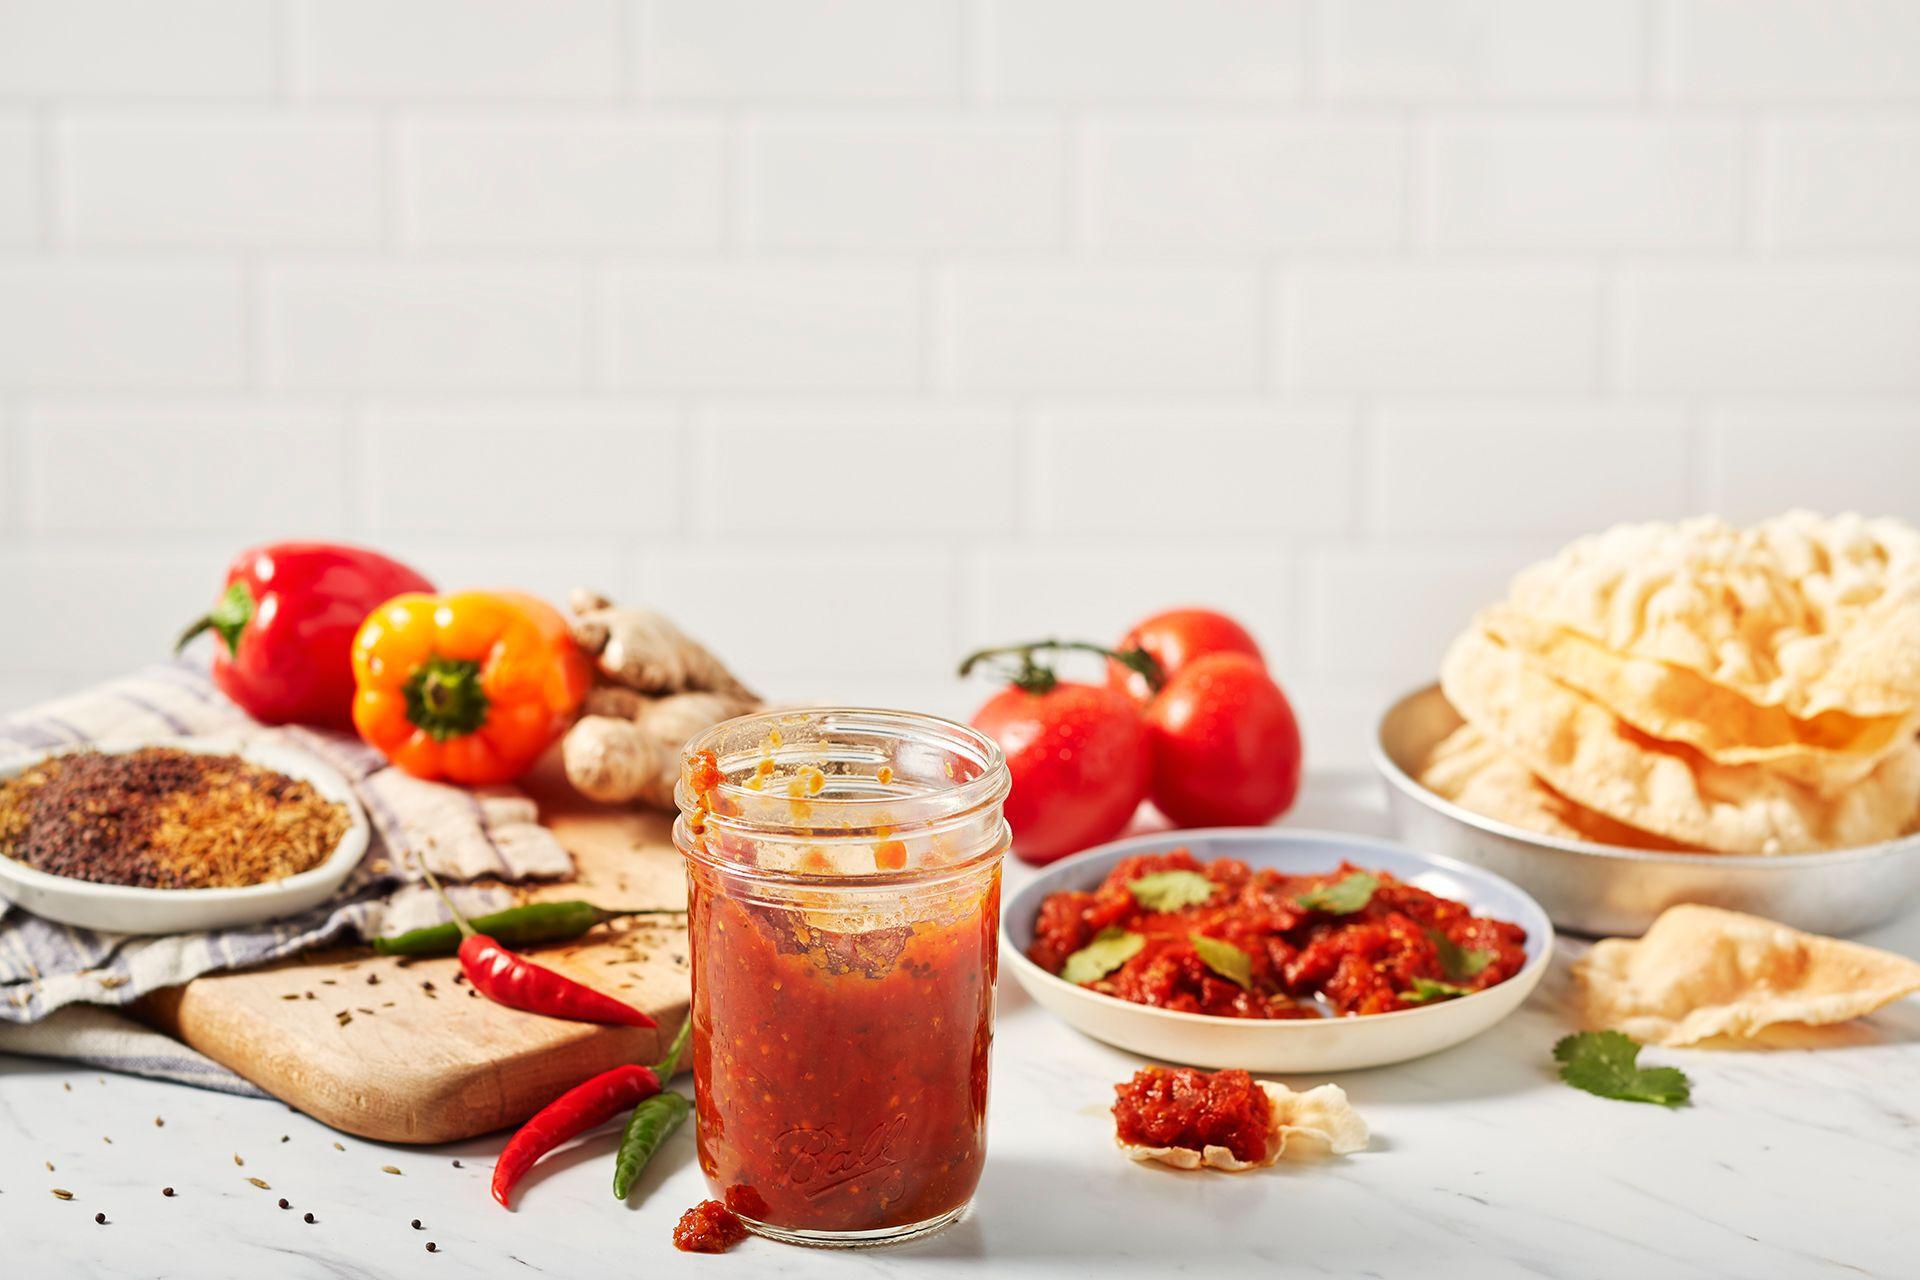 Mason jar and food on kitchen table